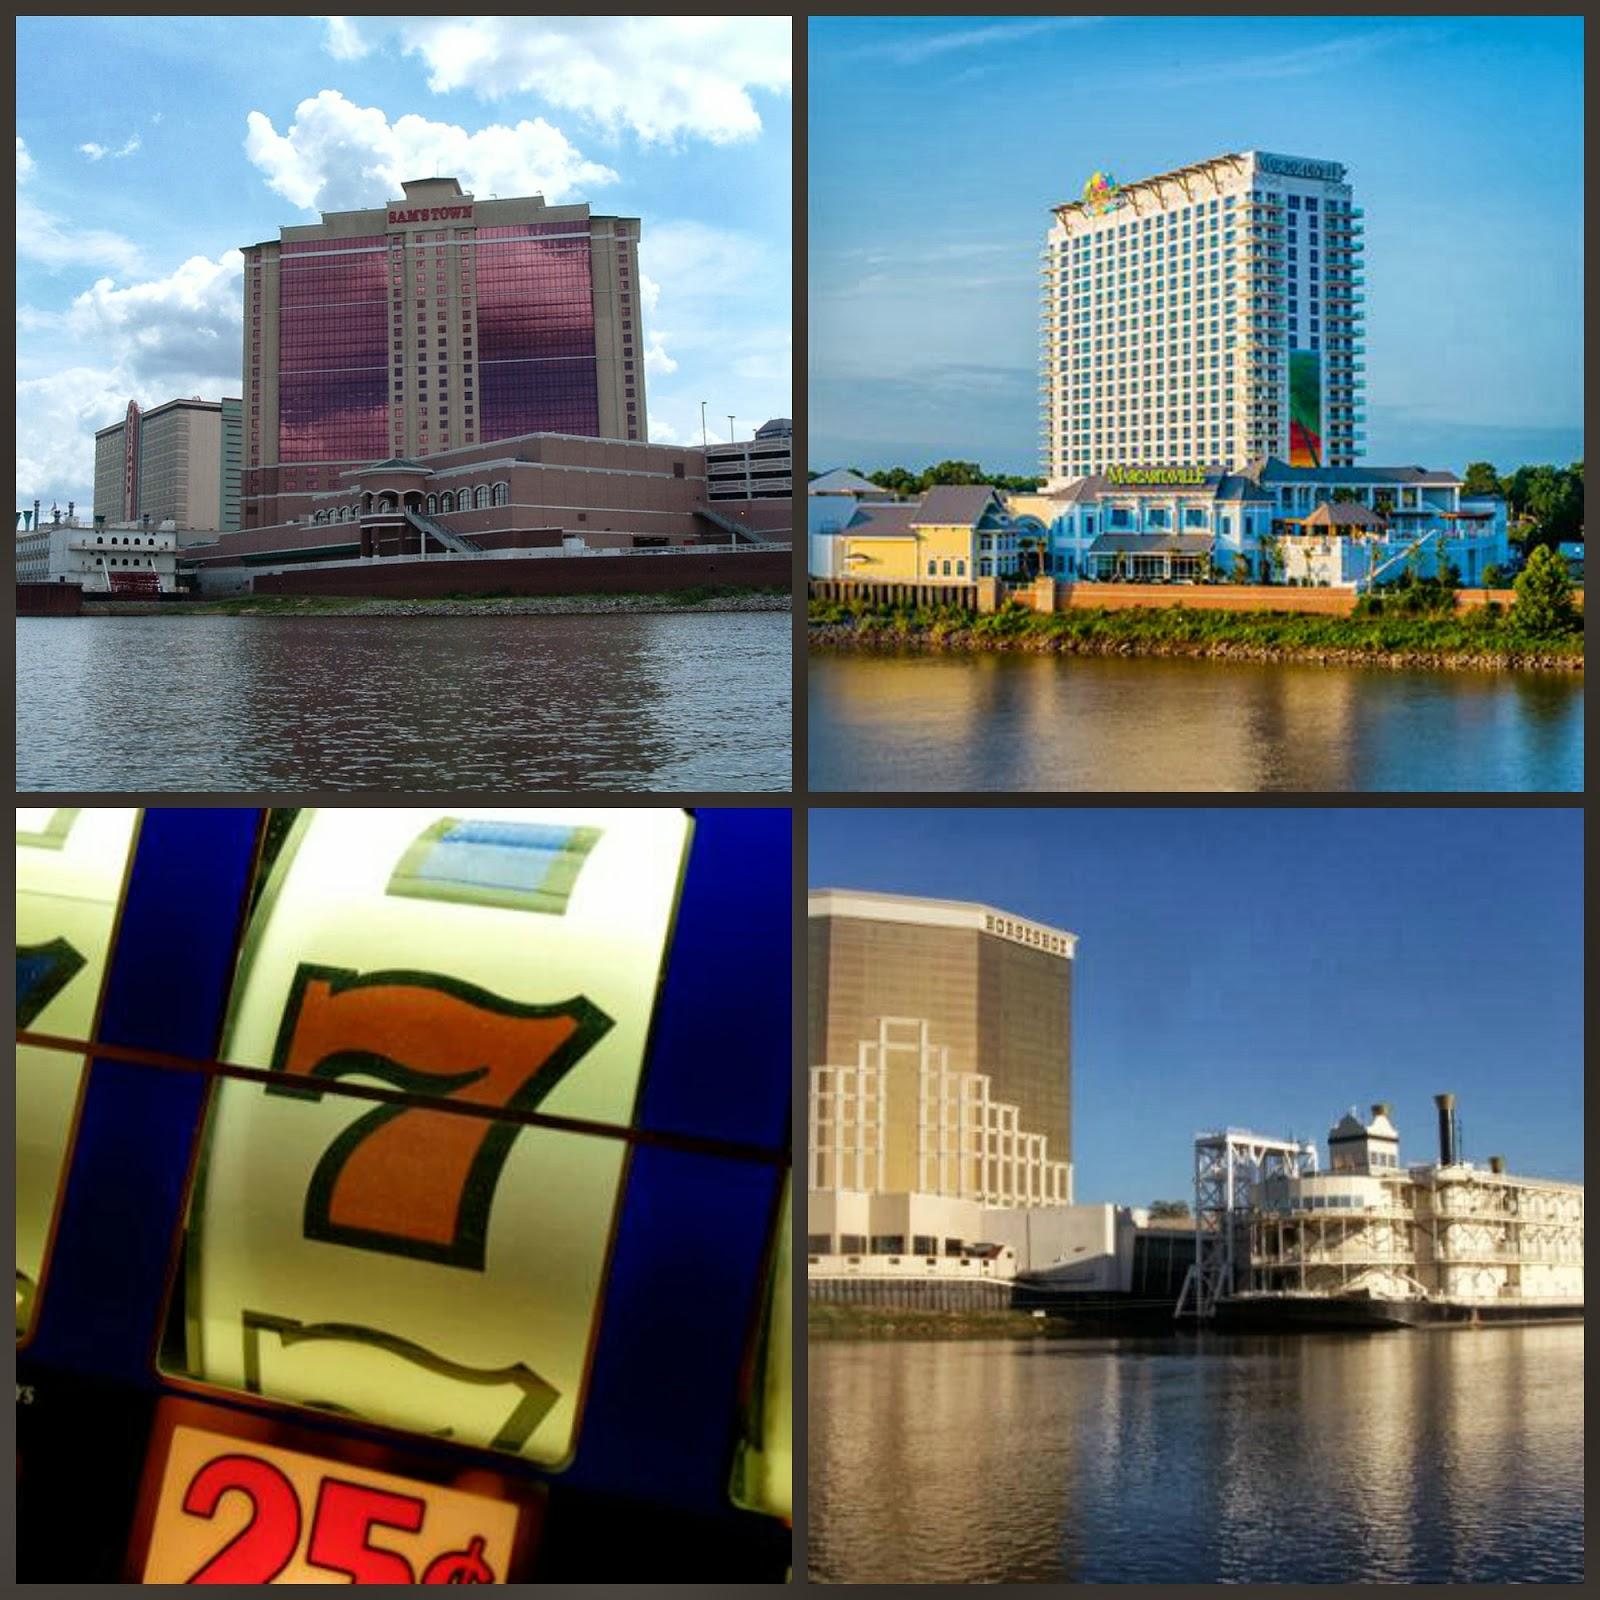 Shreveport gambling casinos